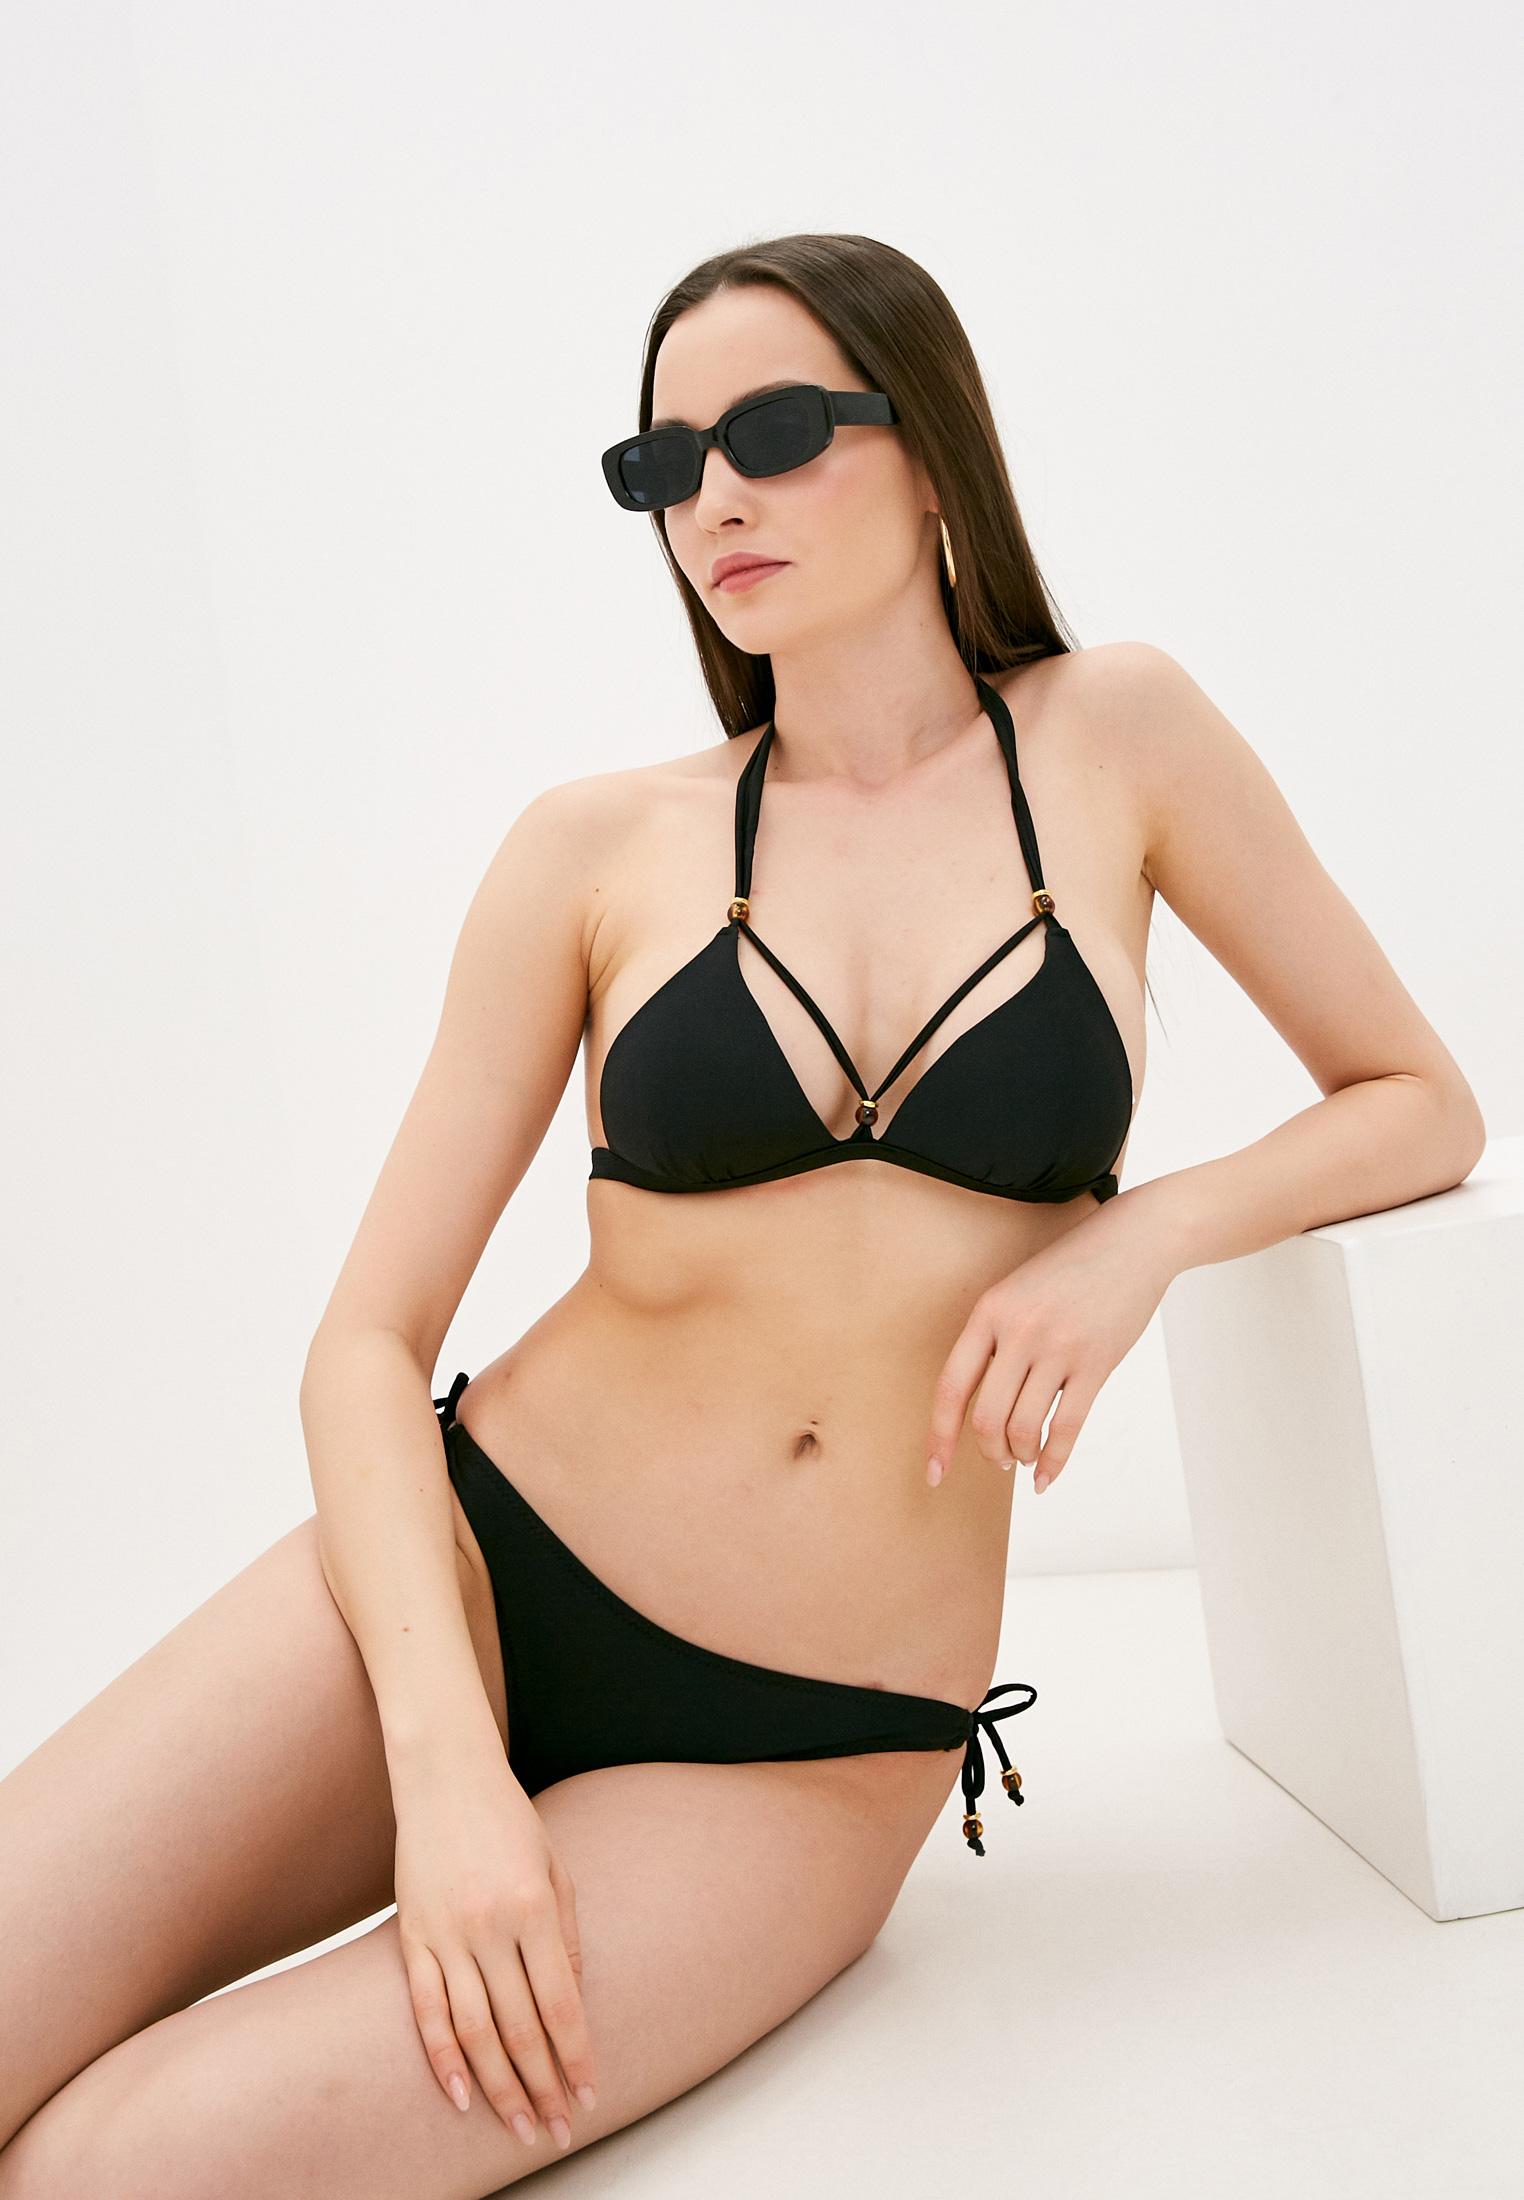 Женские раздельные купальники Delice FB-034